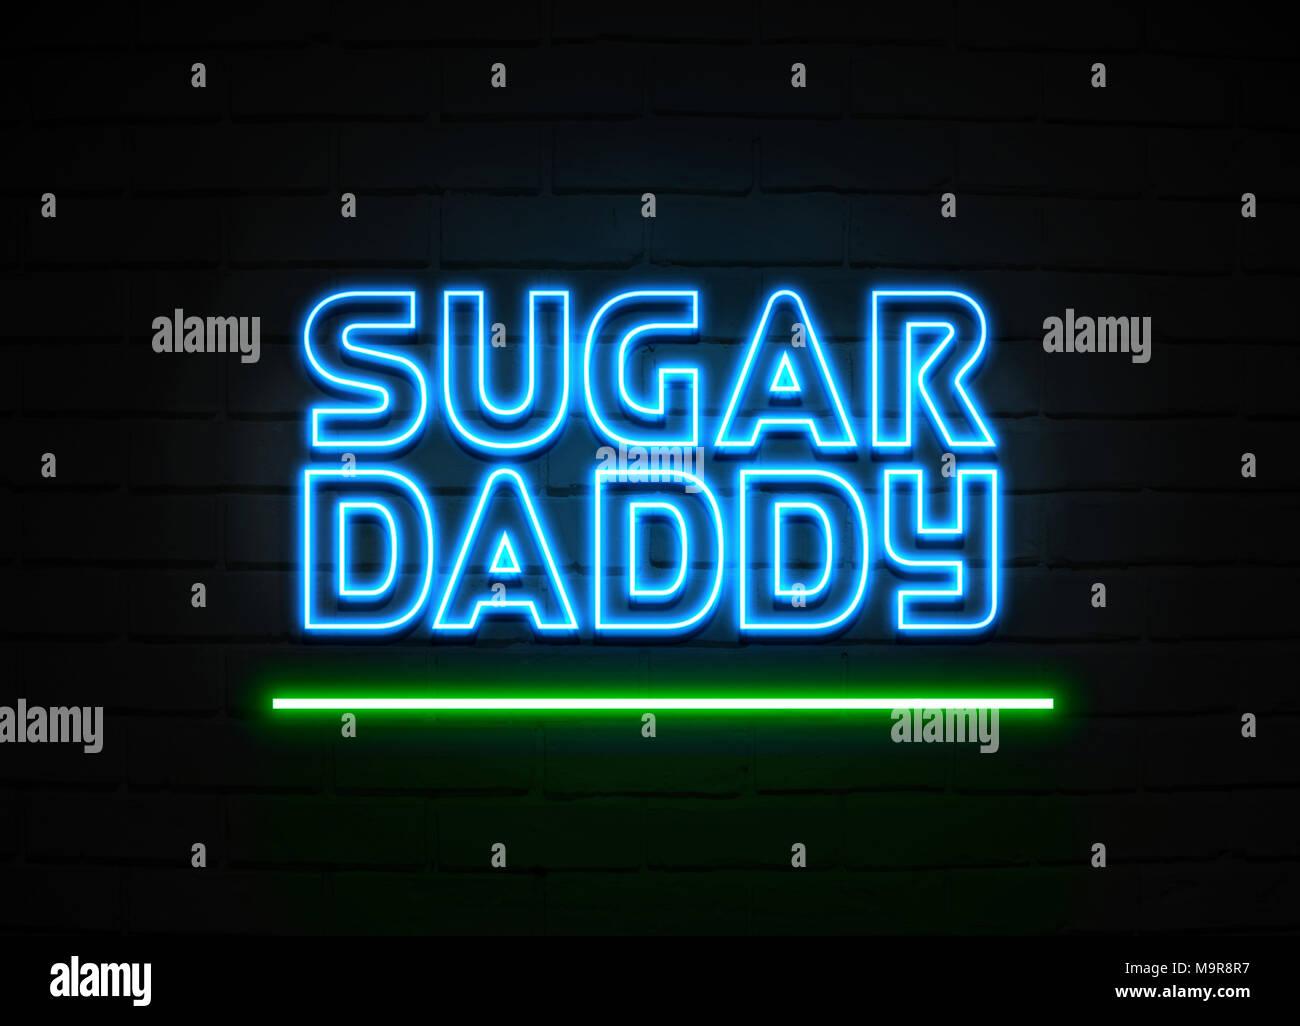 gratuit Sugar Daddy datant